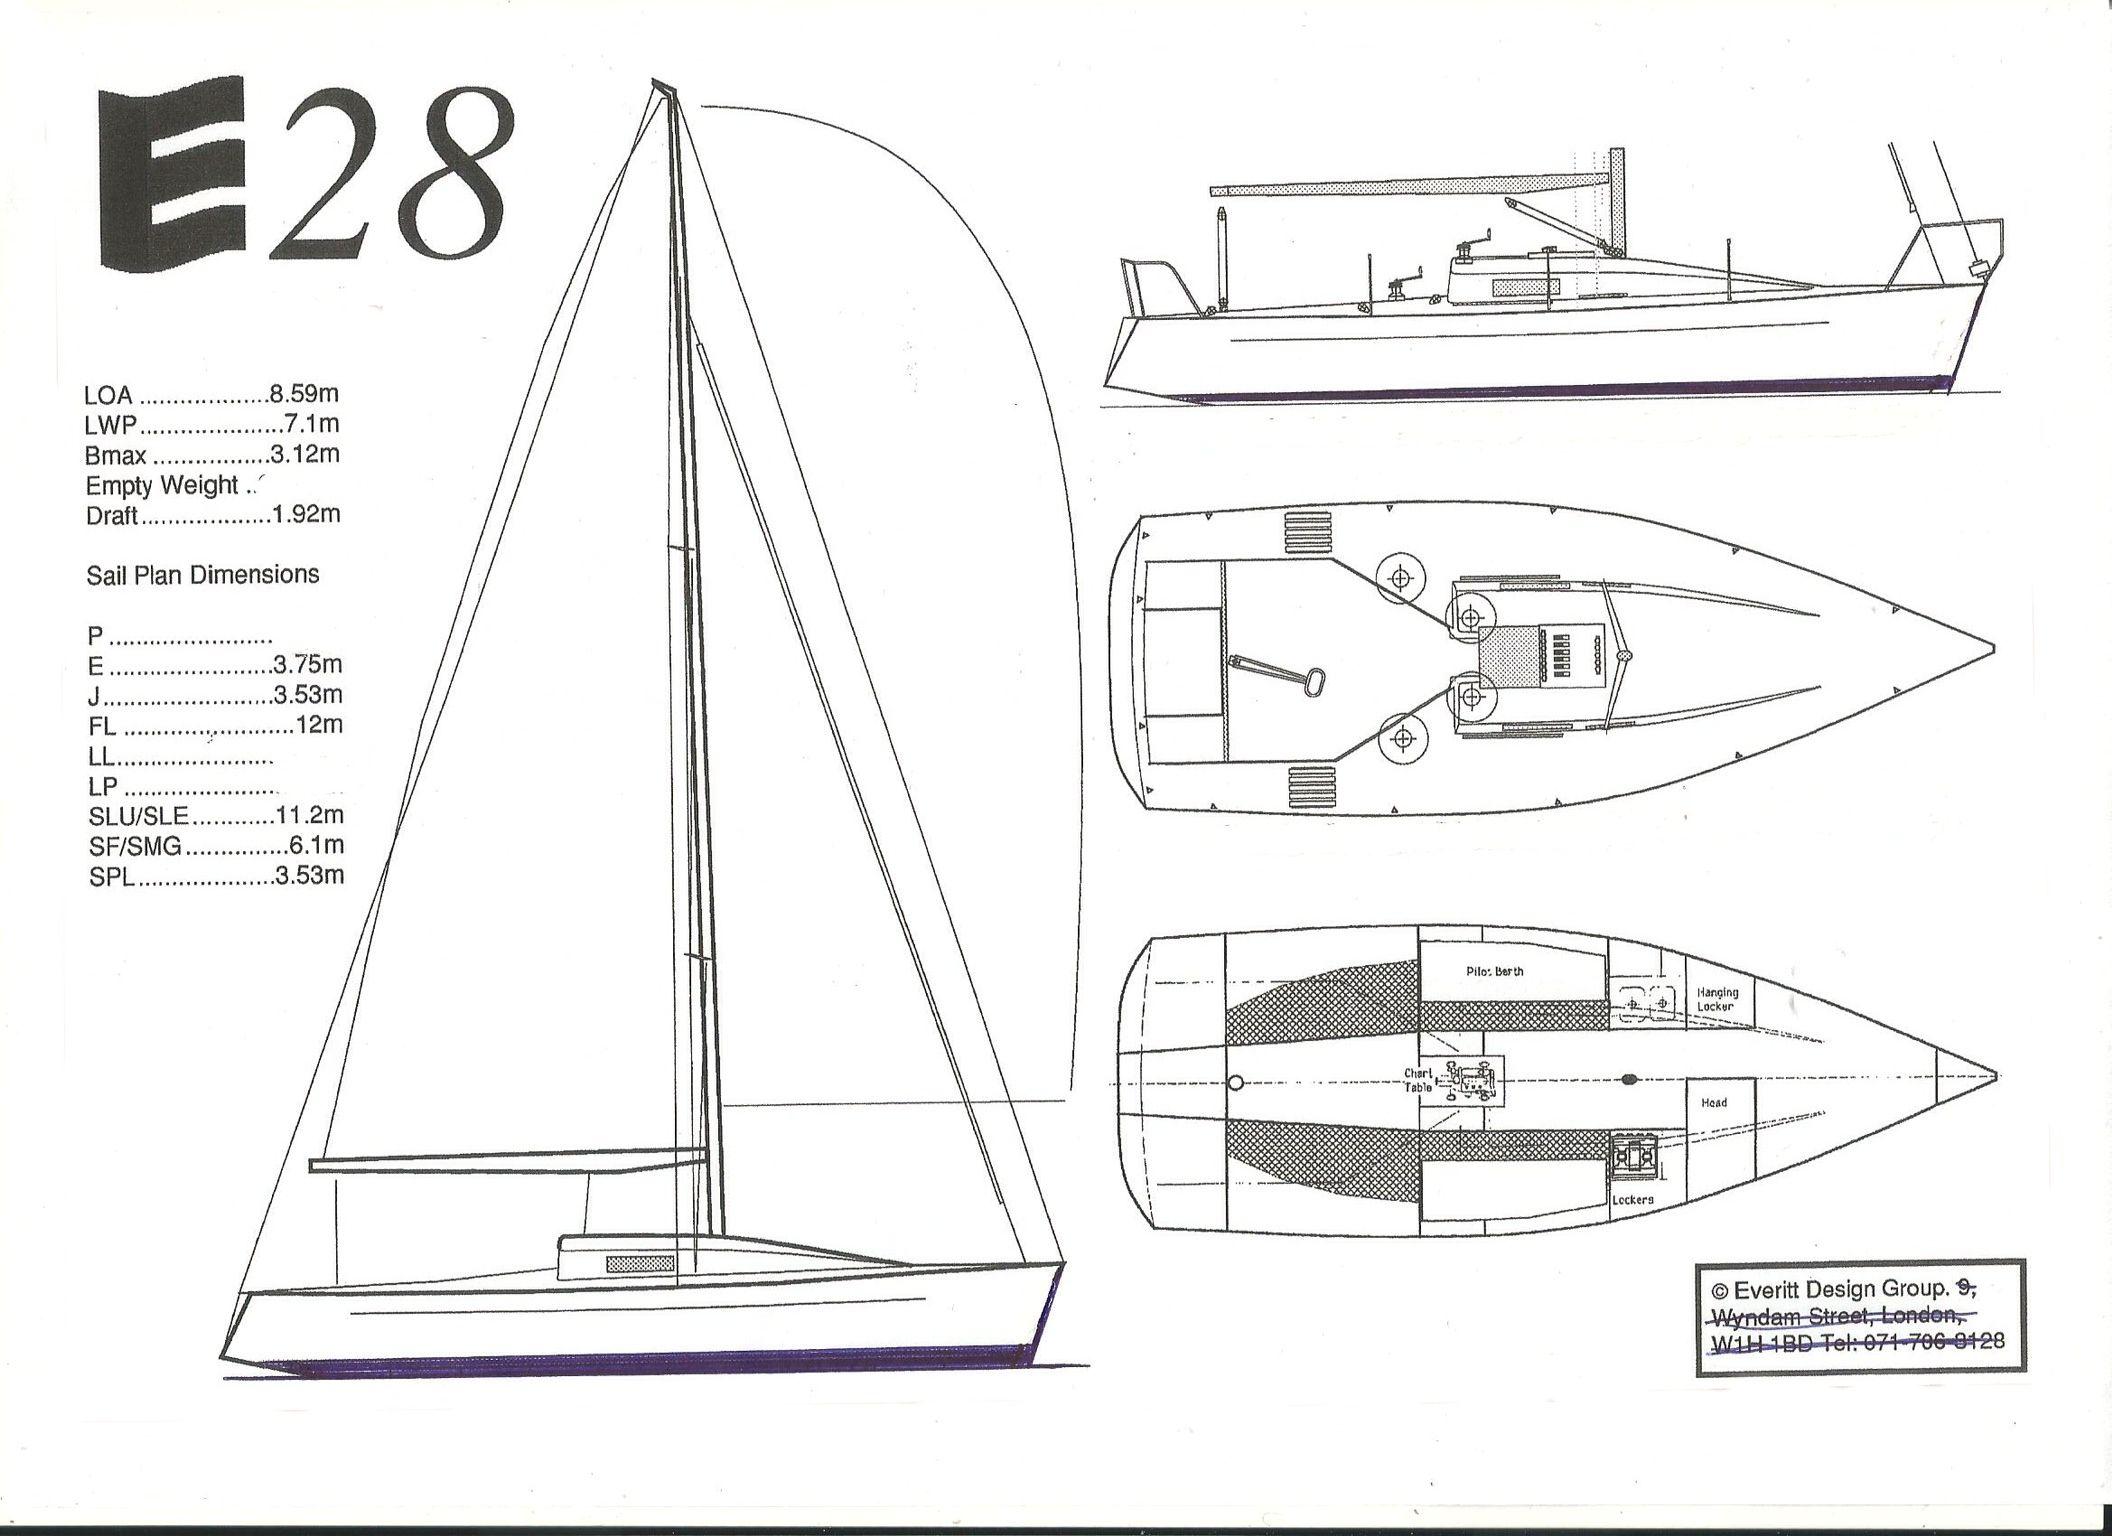 Julian Everitt Design 28